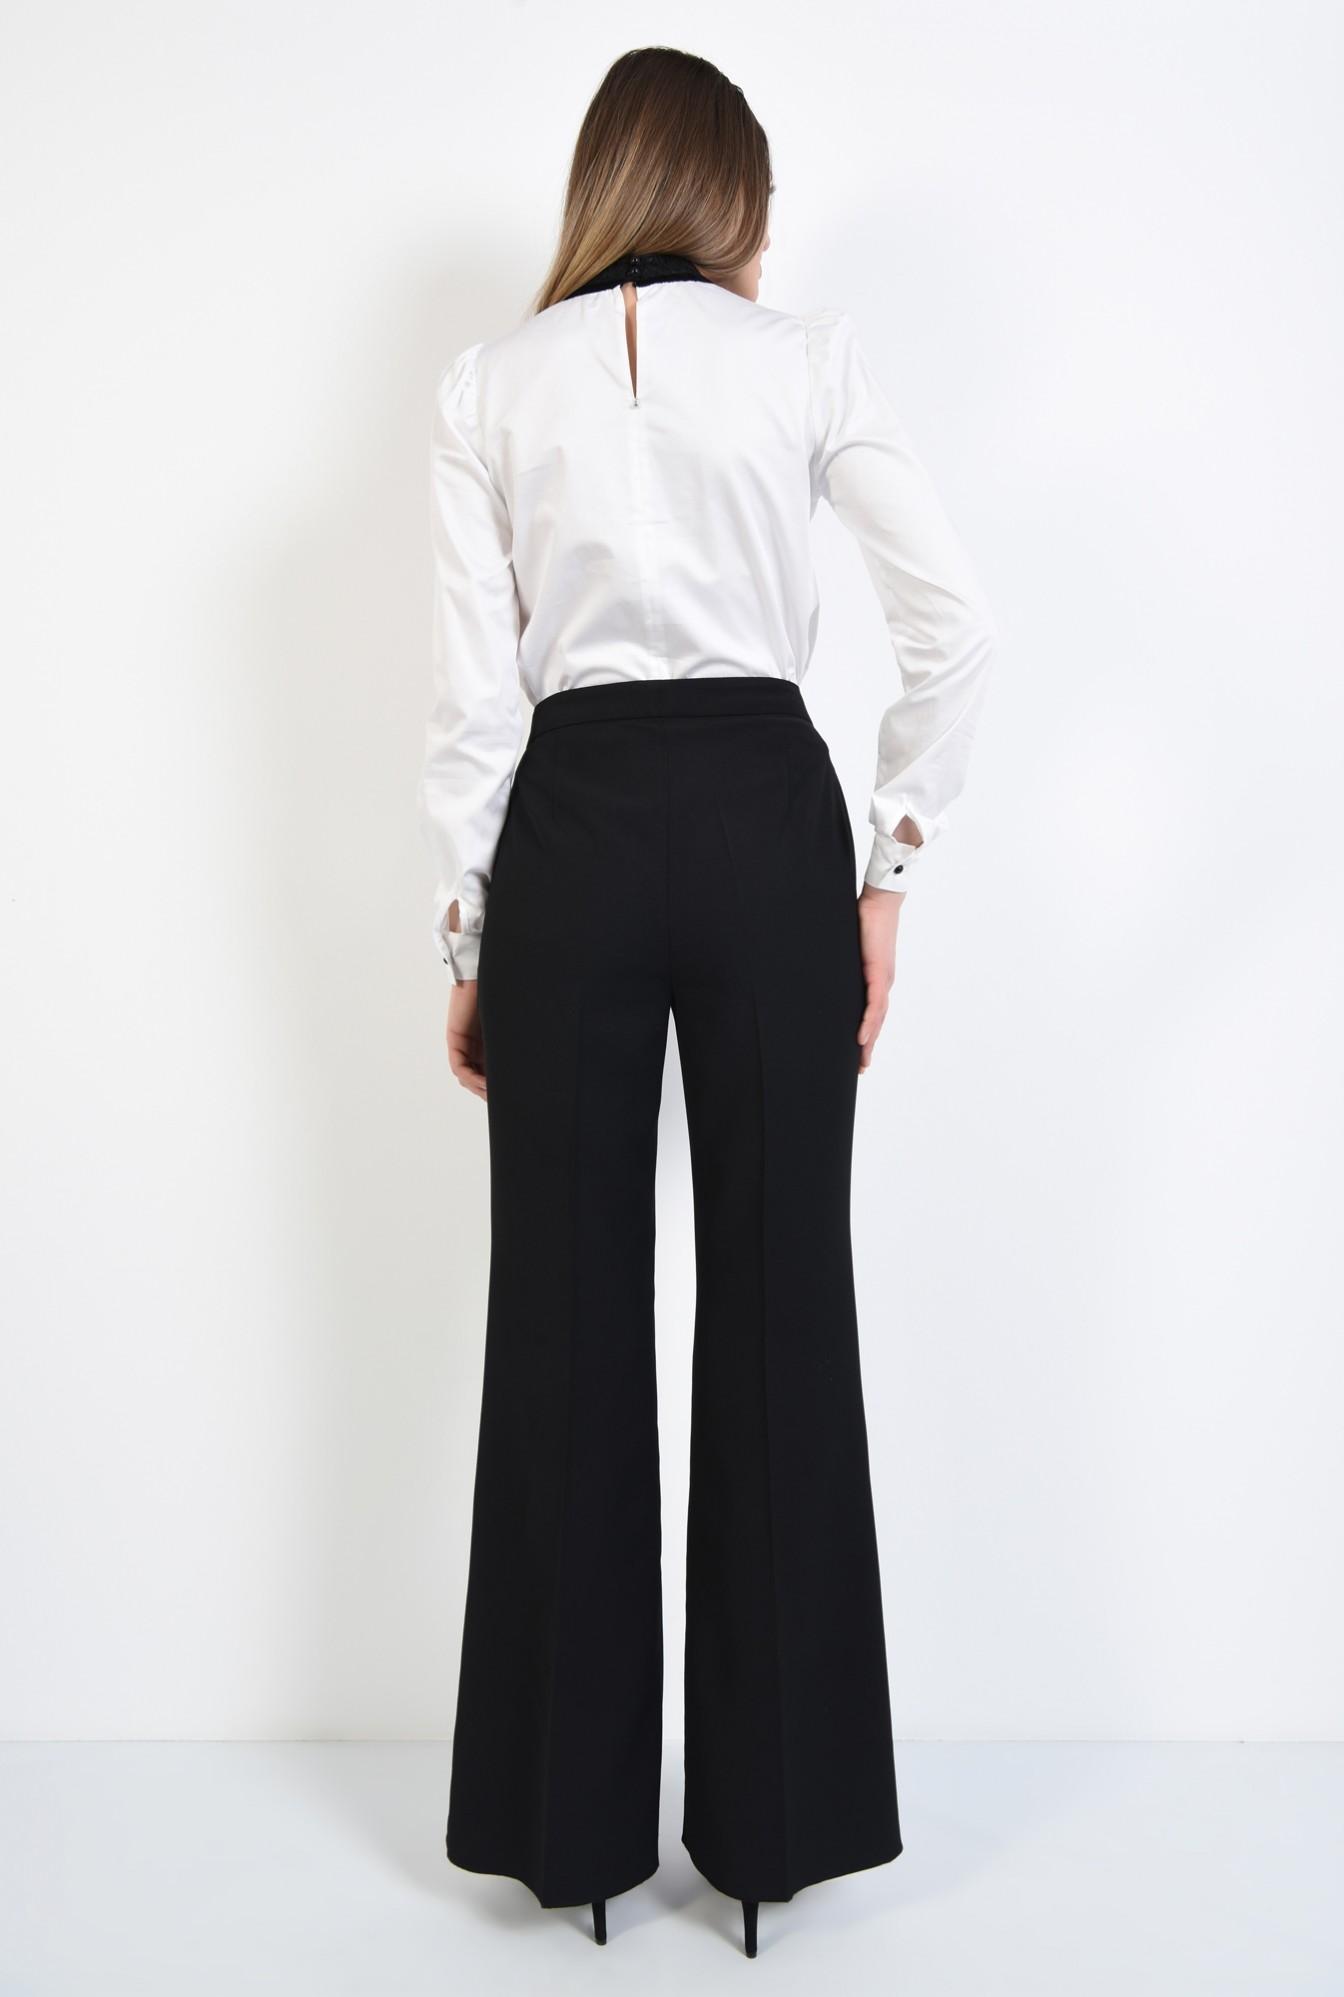 1 - 360 - bluze online, bluza dama, bumbac, maneci lungi